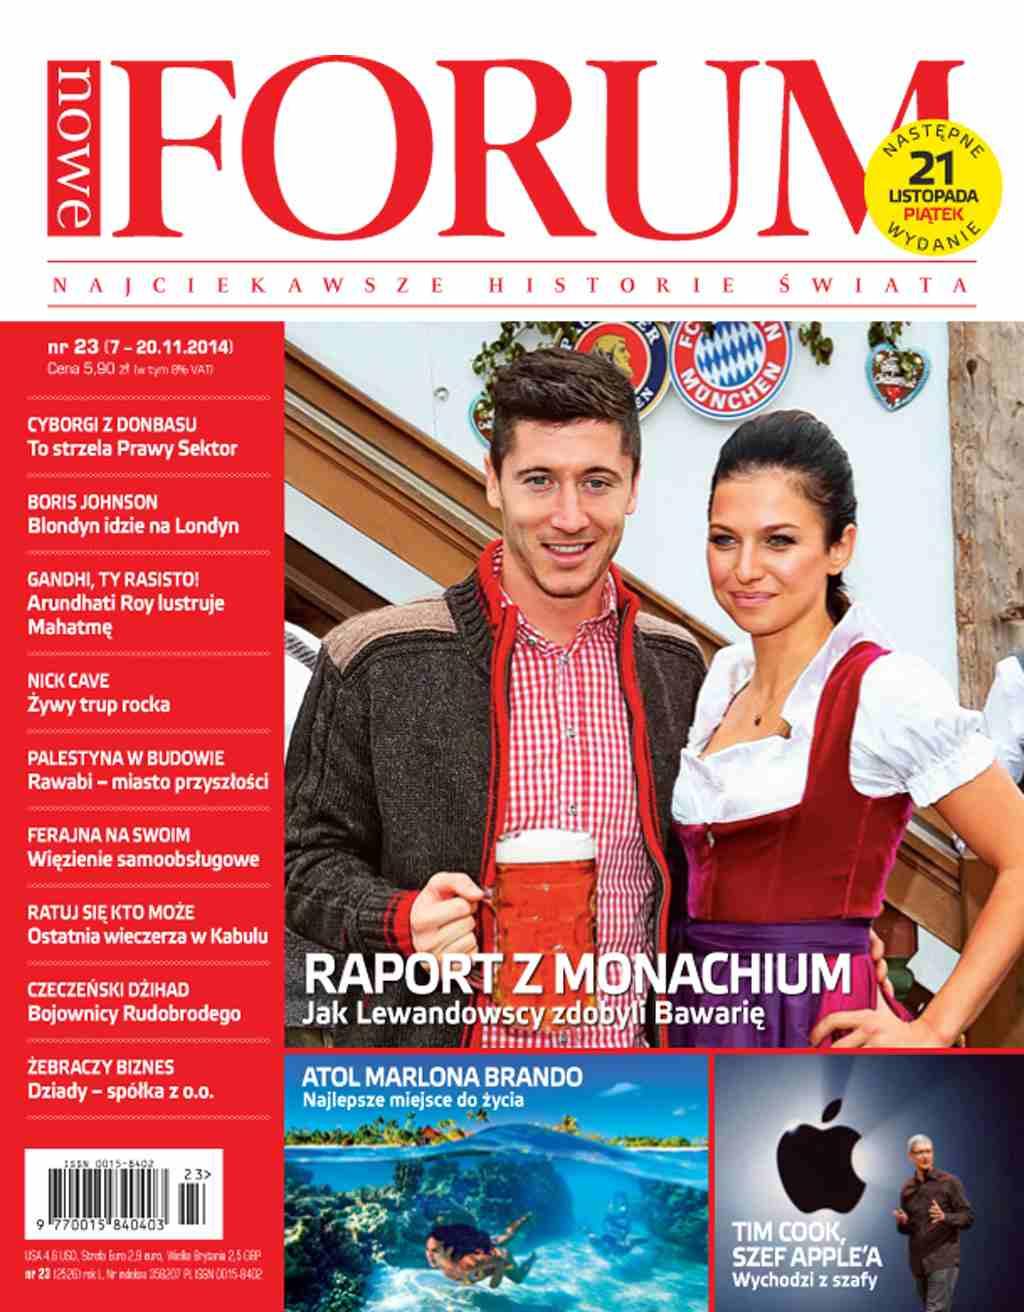 Forum nr... - Ebook (Książka PDF) do pobrania w formacie PDF